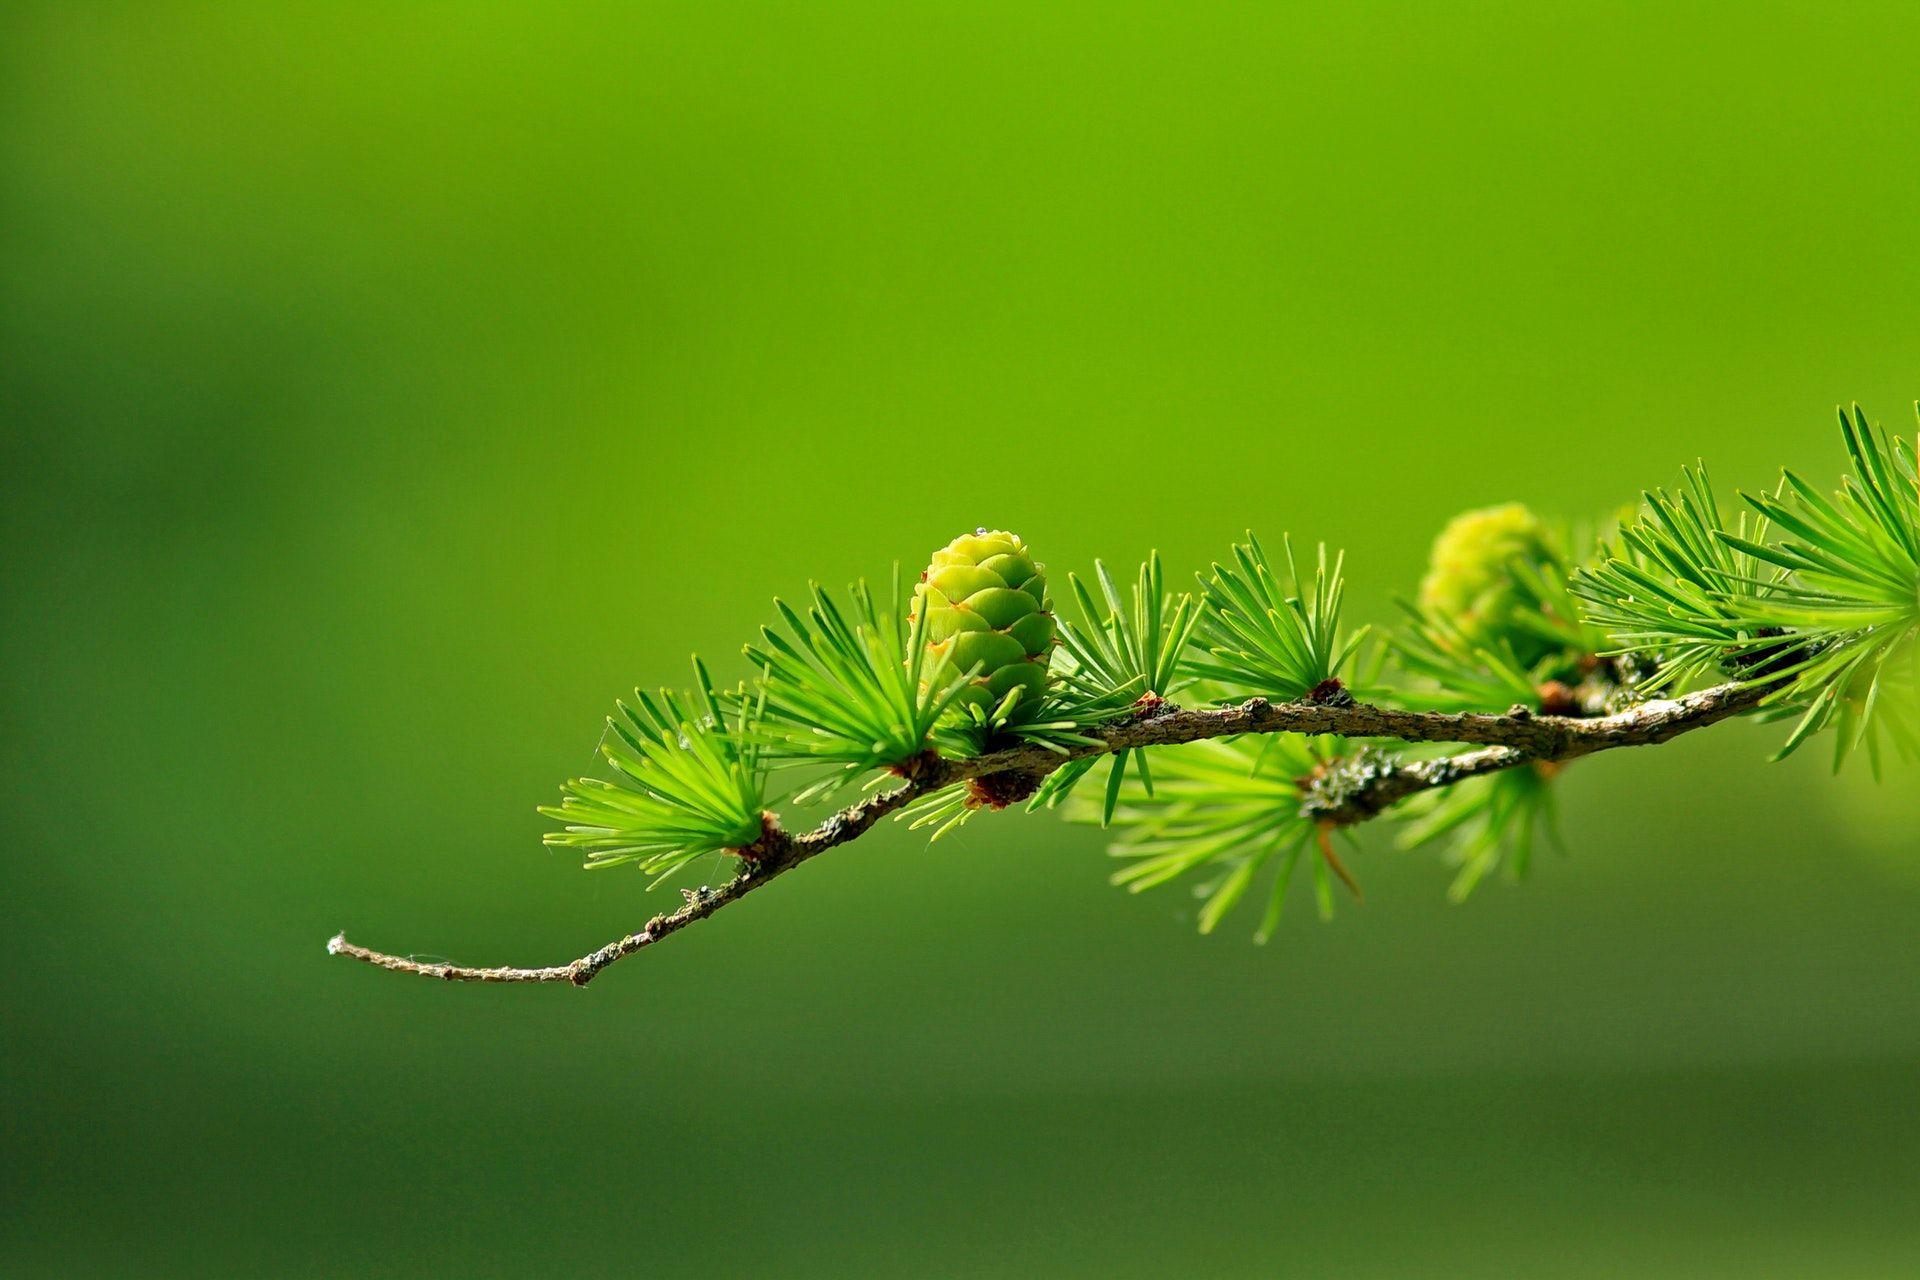 عکس زمینه شاخه و برگ سبز پس زمینه